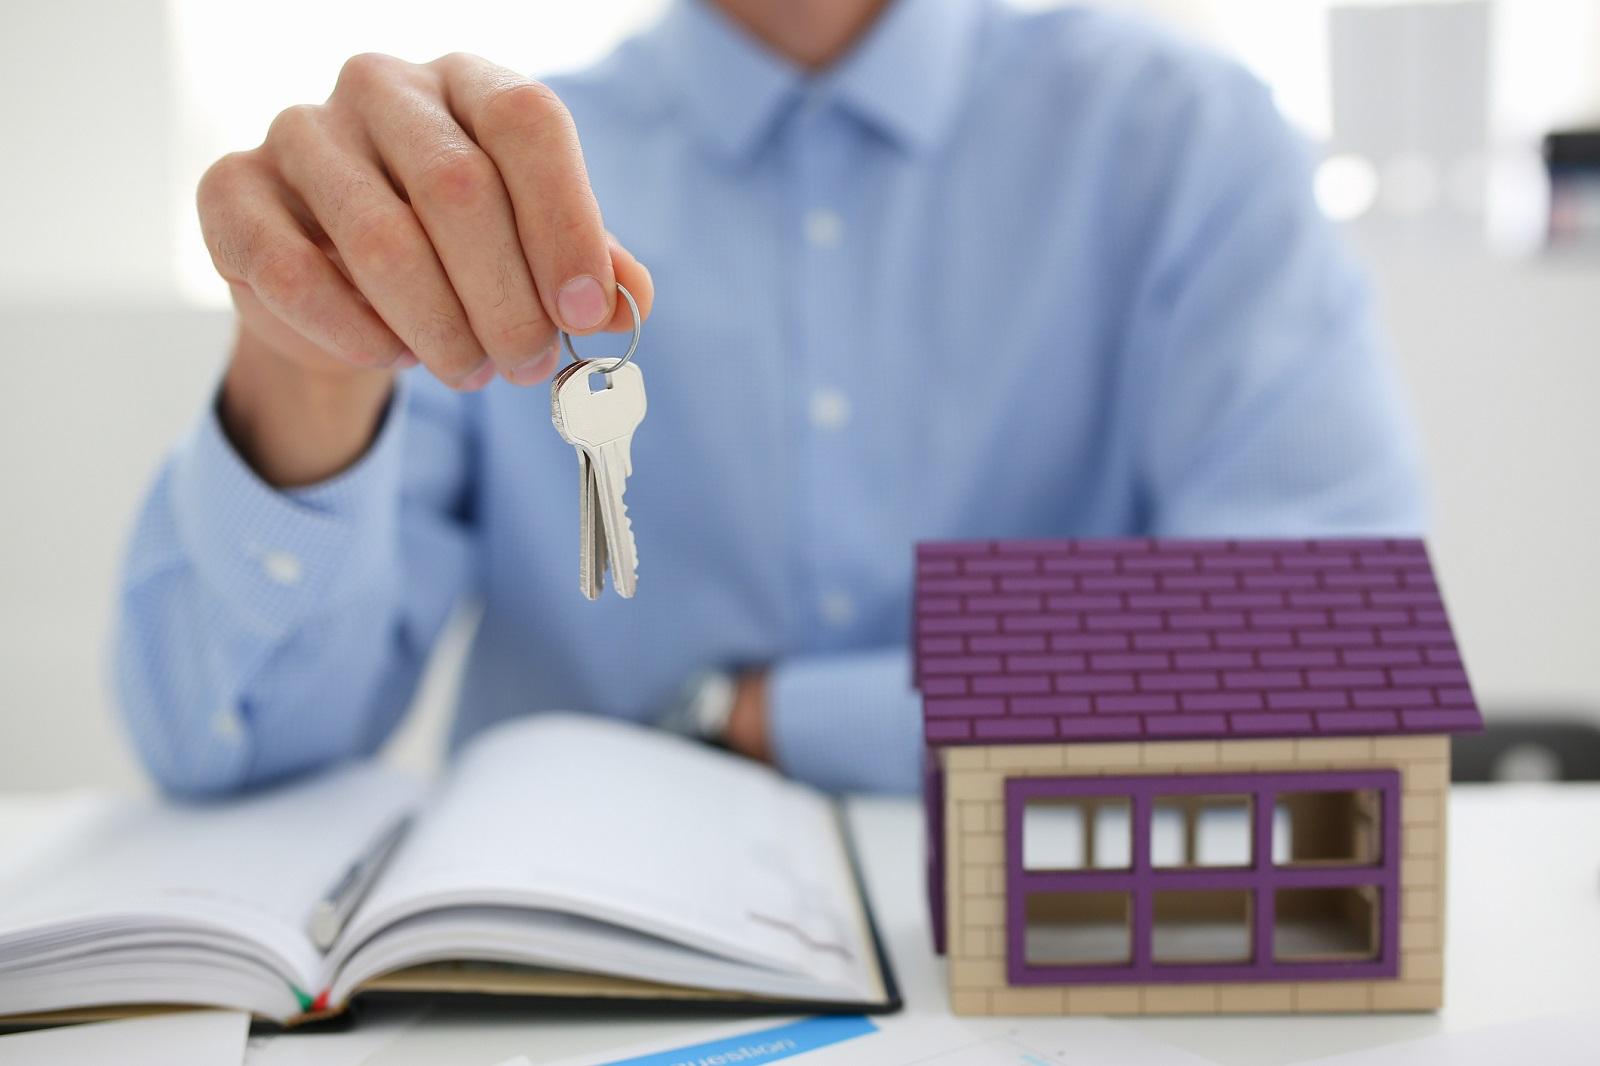 Co powinna oferować agencja nieruchomości DGR?